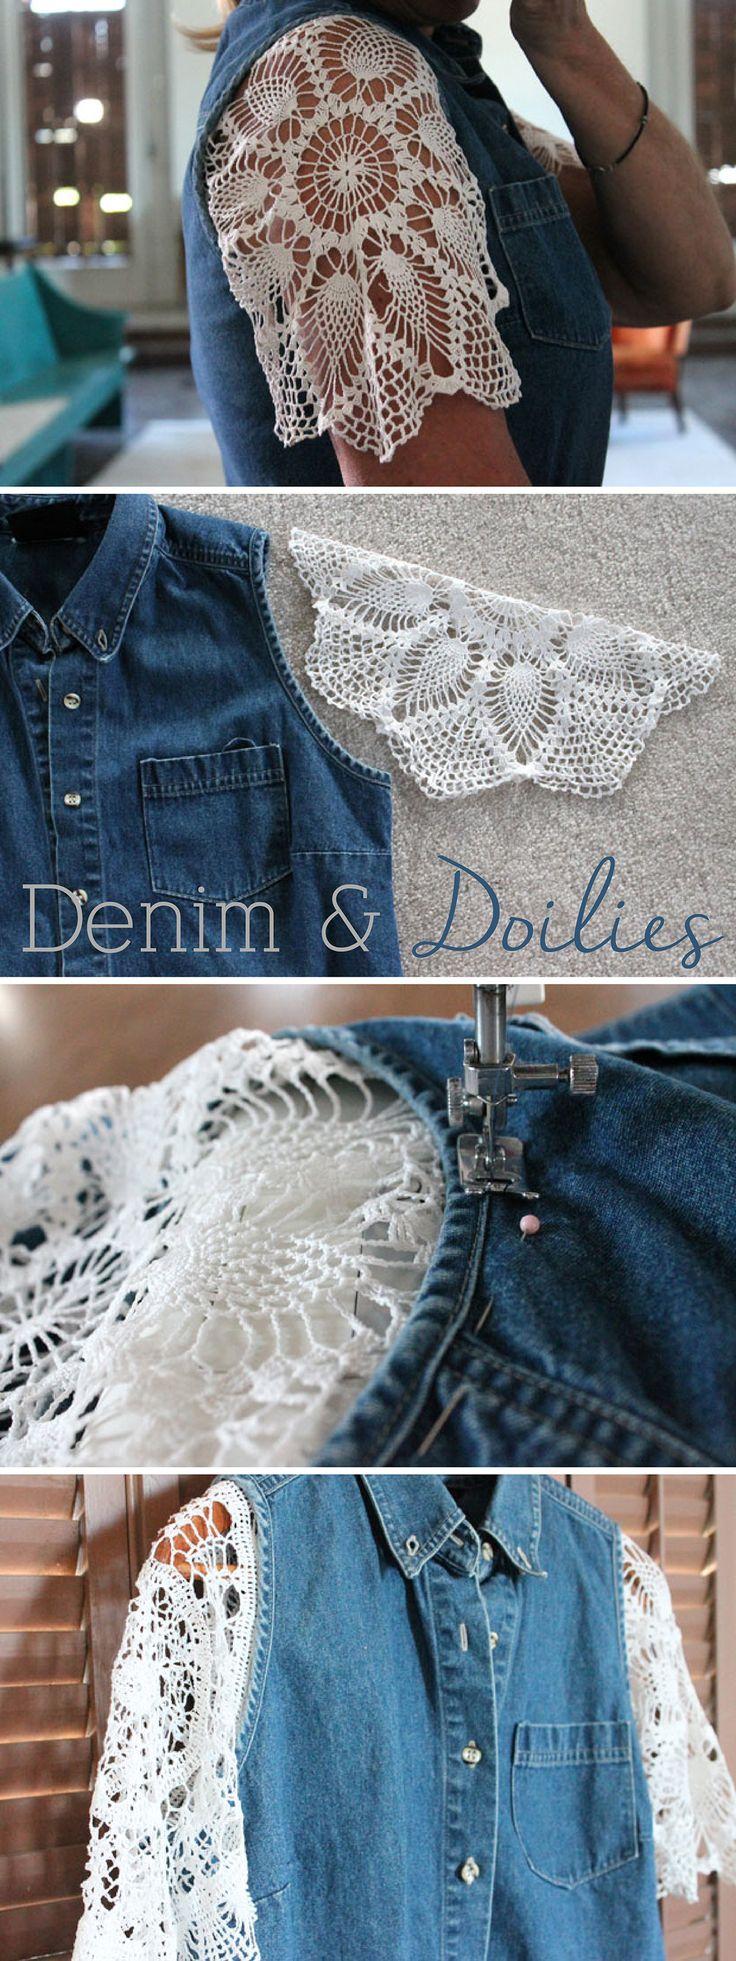 Chaleco con detalles. #Denim #DIY